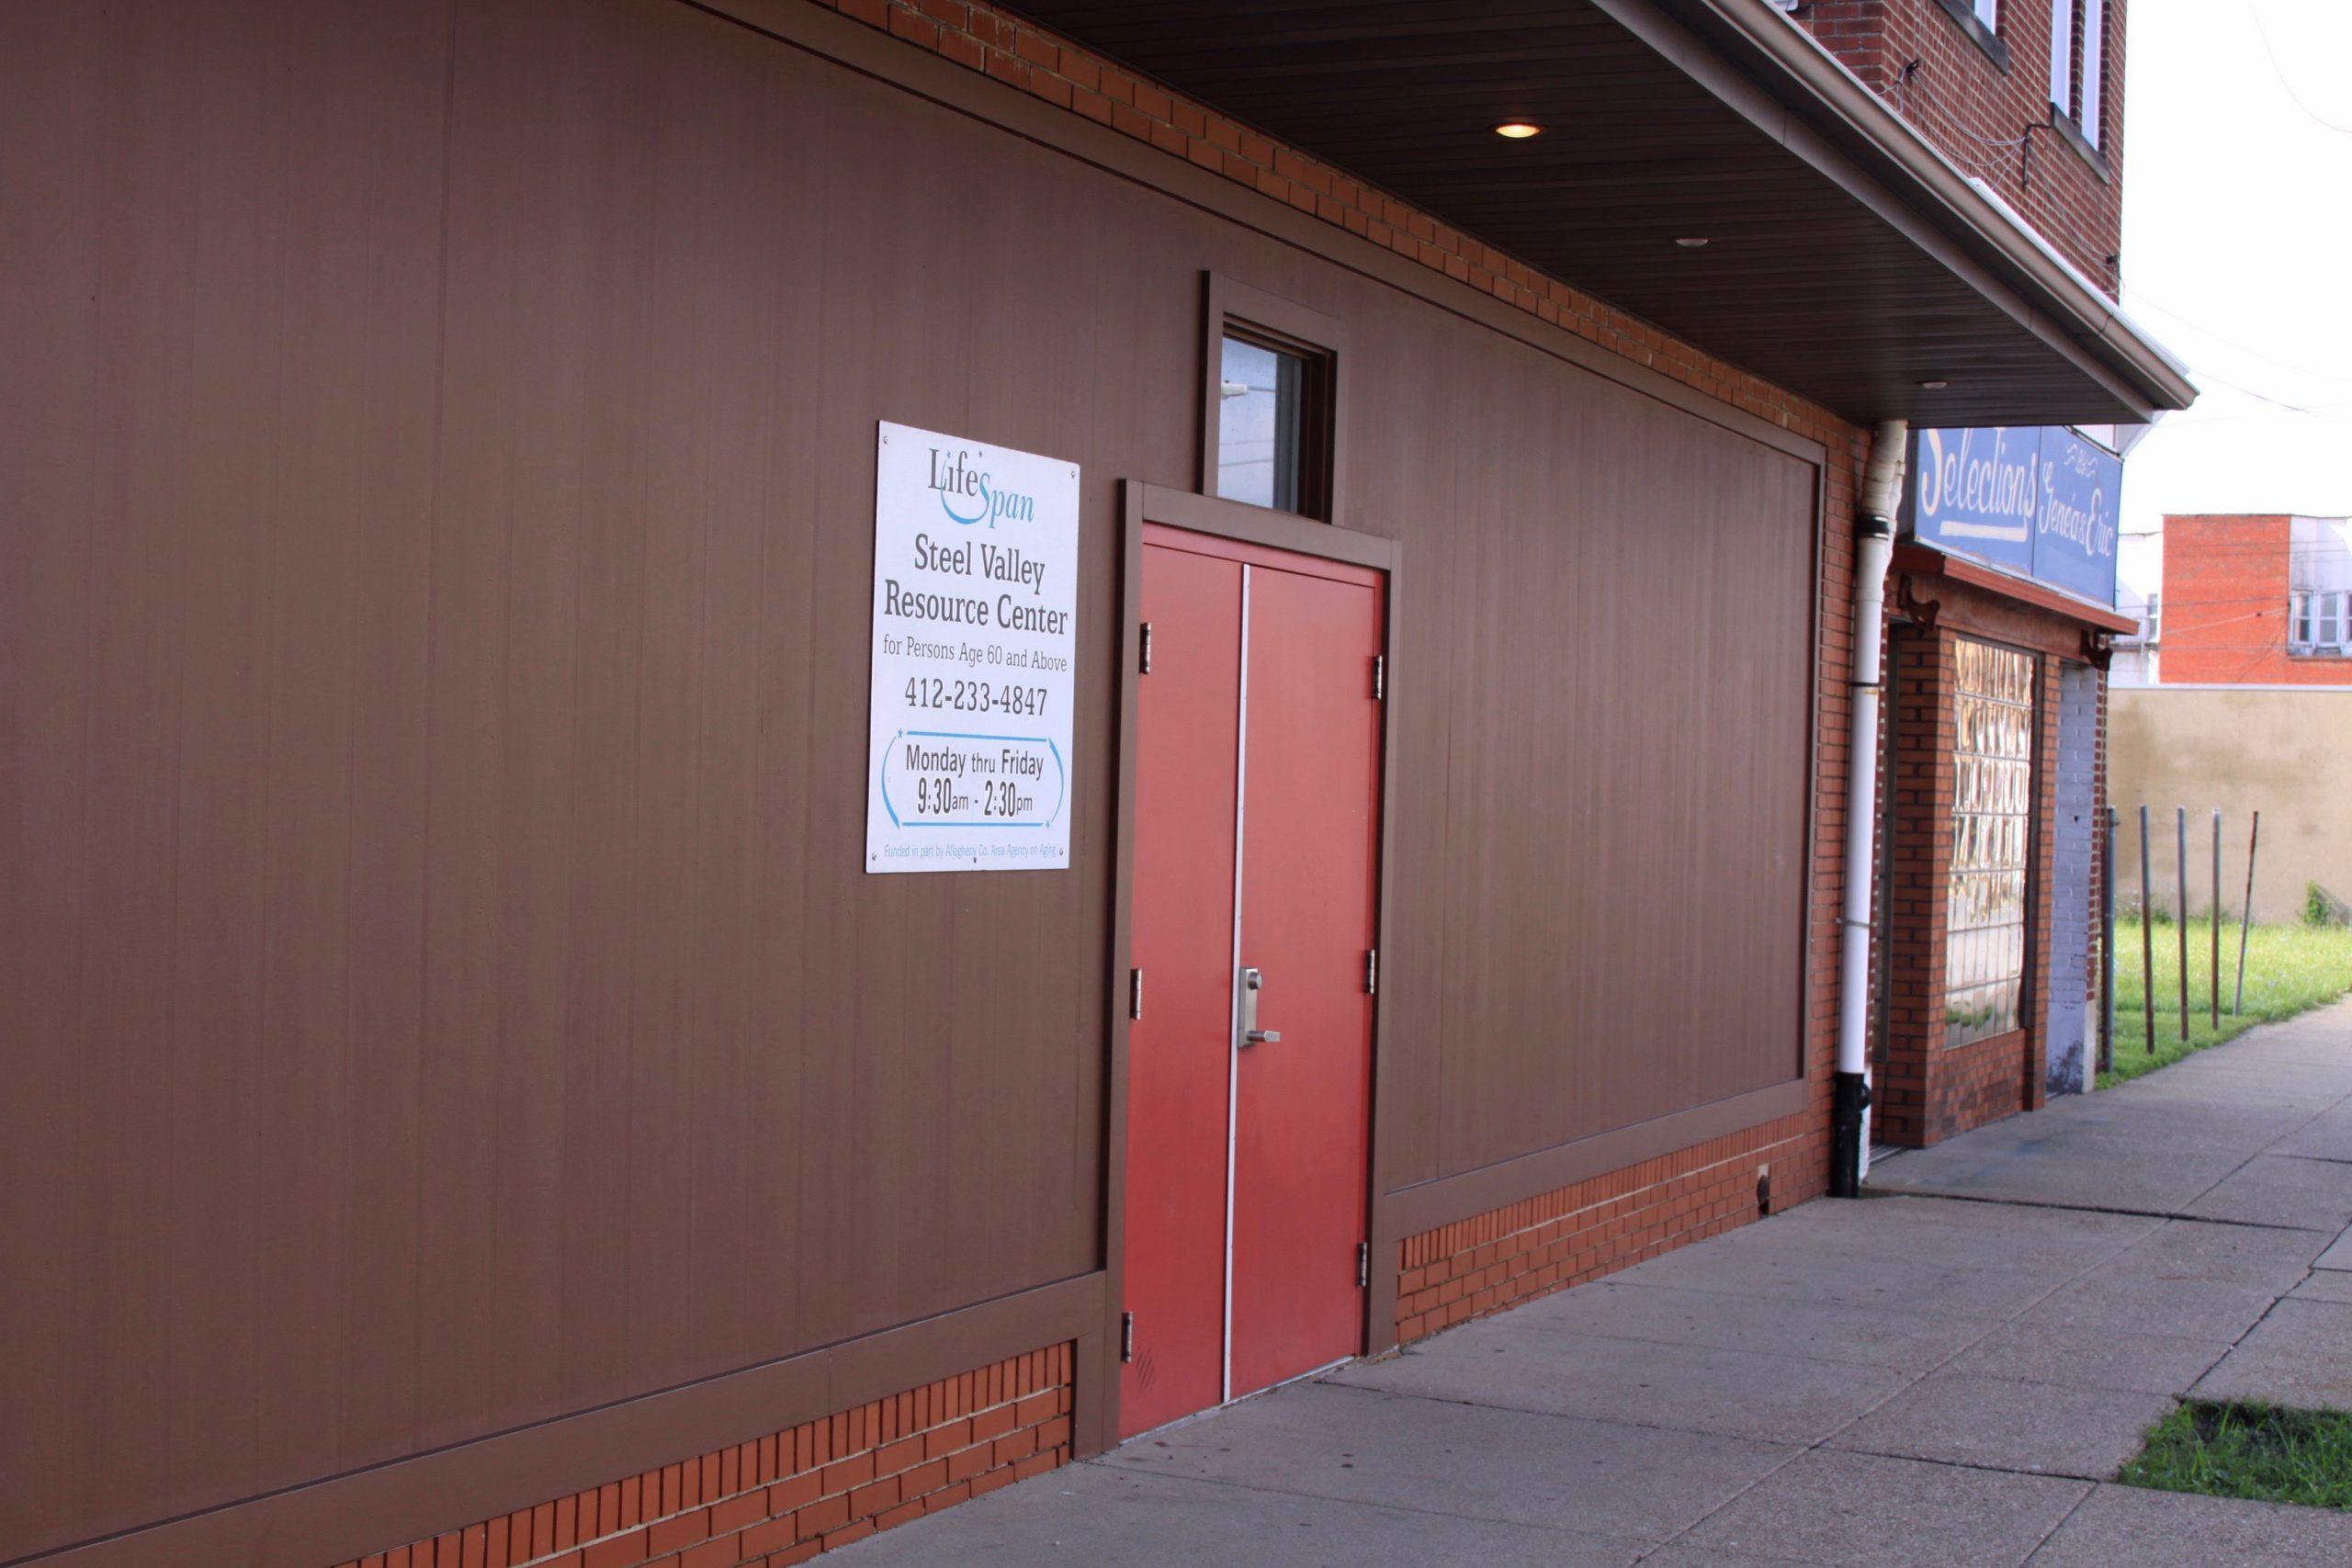 Steel Valle Senior Resource Center